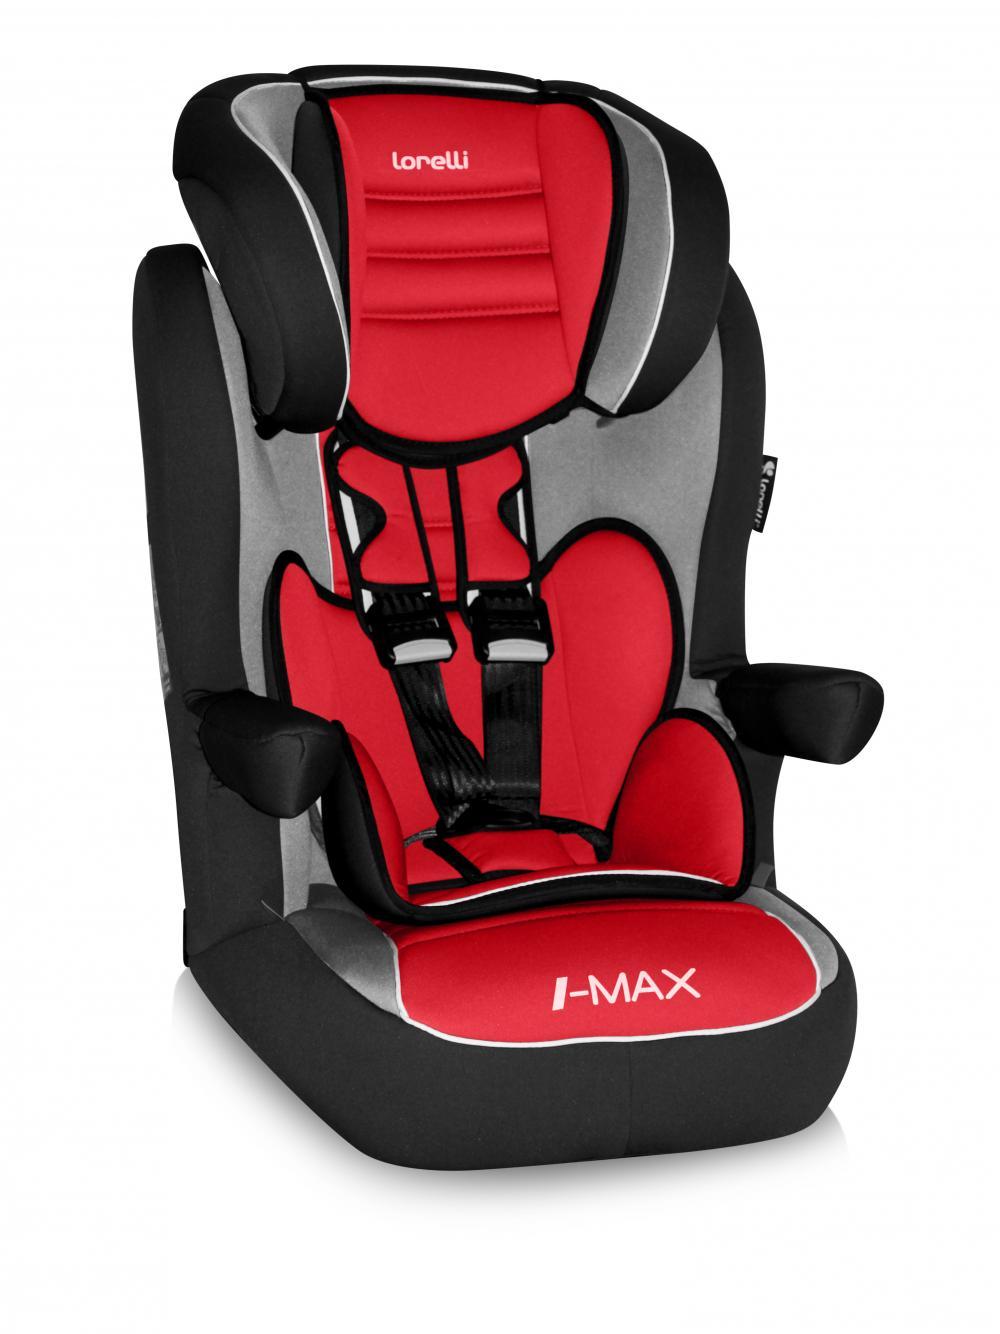 Scaun auto copii LORELLI PREMIUM I-Max SP Isofix - Agora Carmin